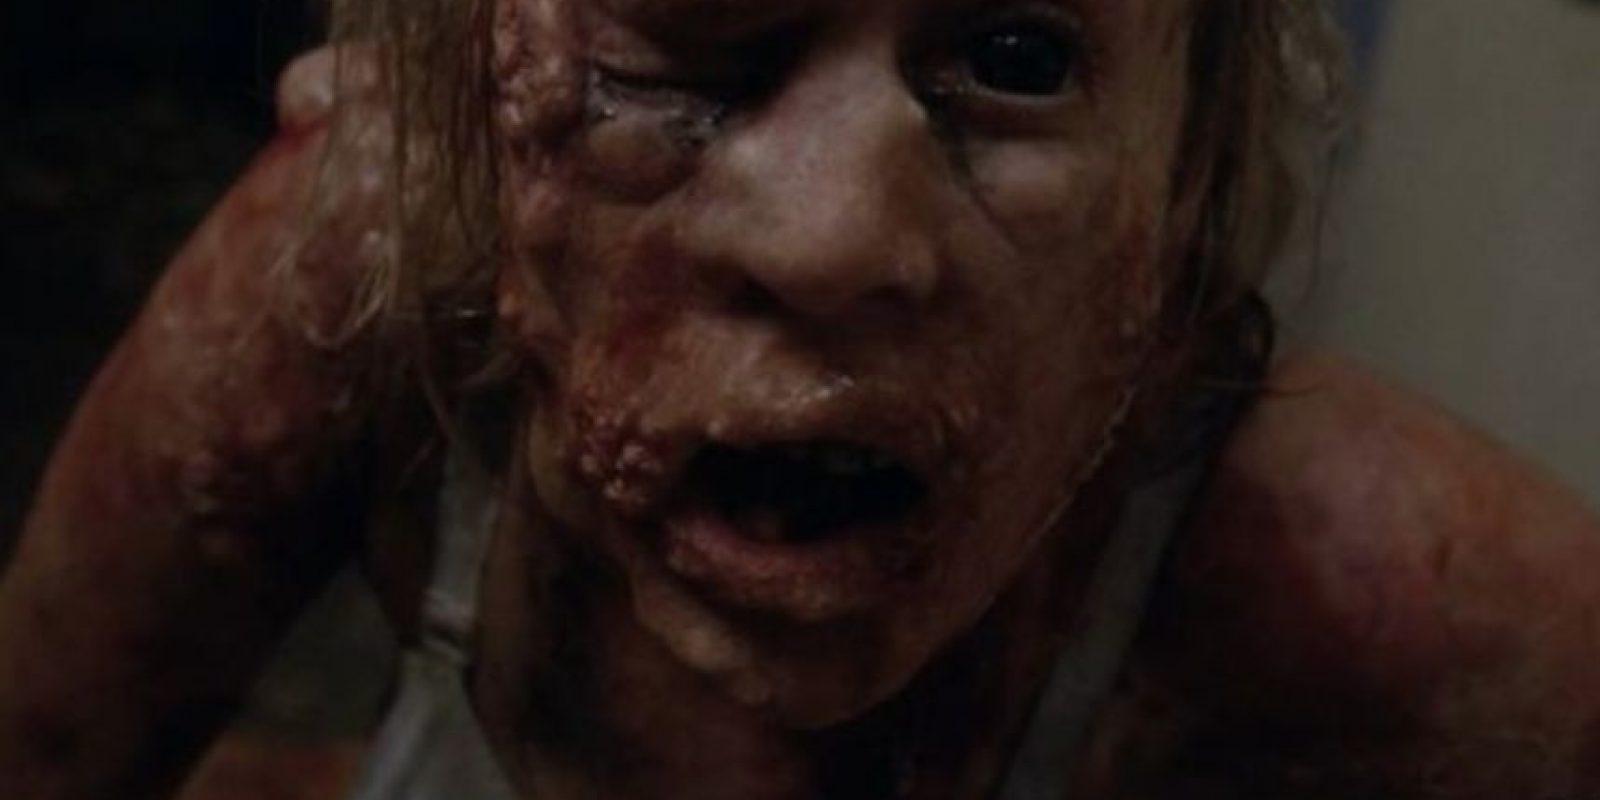 Shelly. Después de lo que le hizo el doctor Arden, Shelly se convirtió en un personaje por quien sentimos miedo y lástima Foto:FX vía Wikipedia